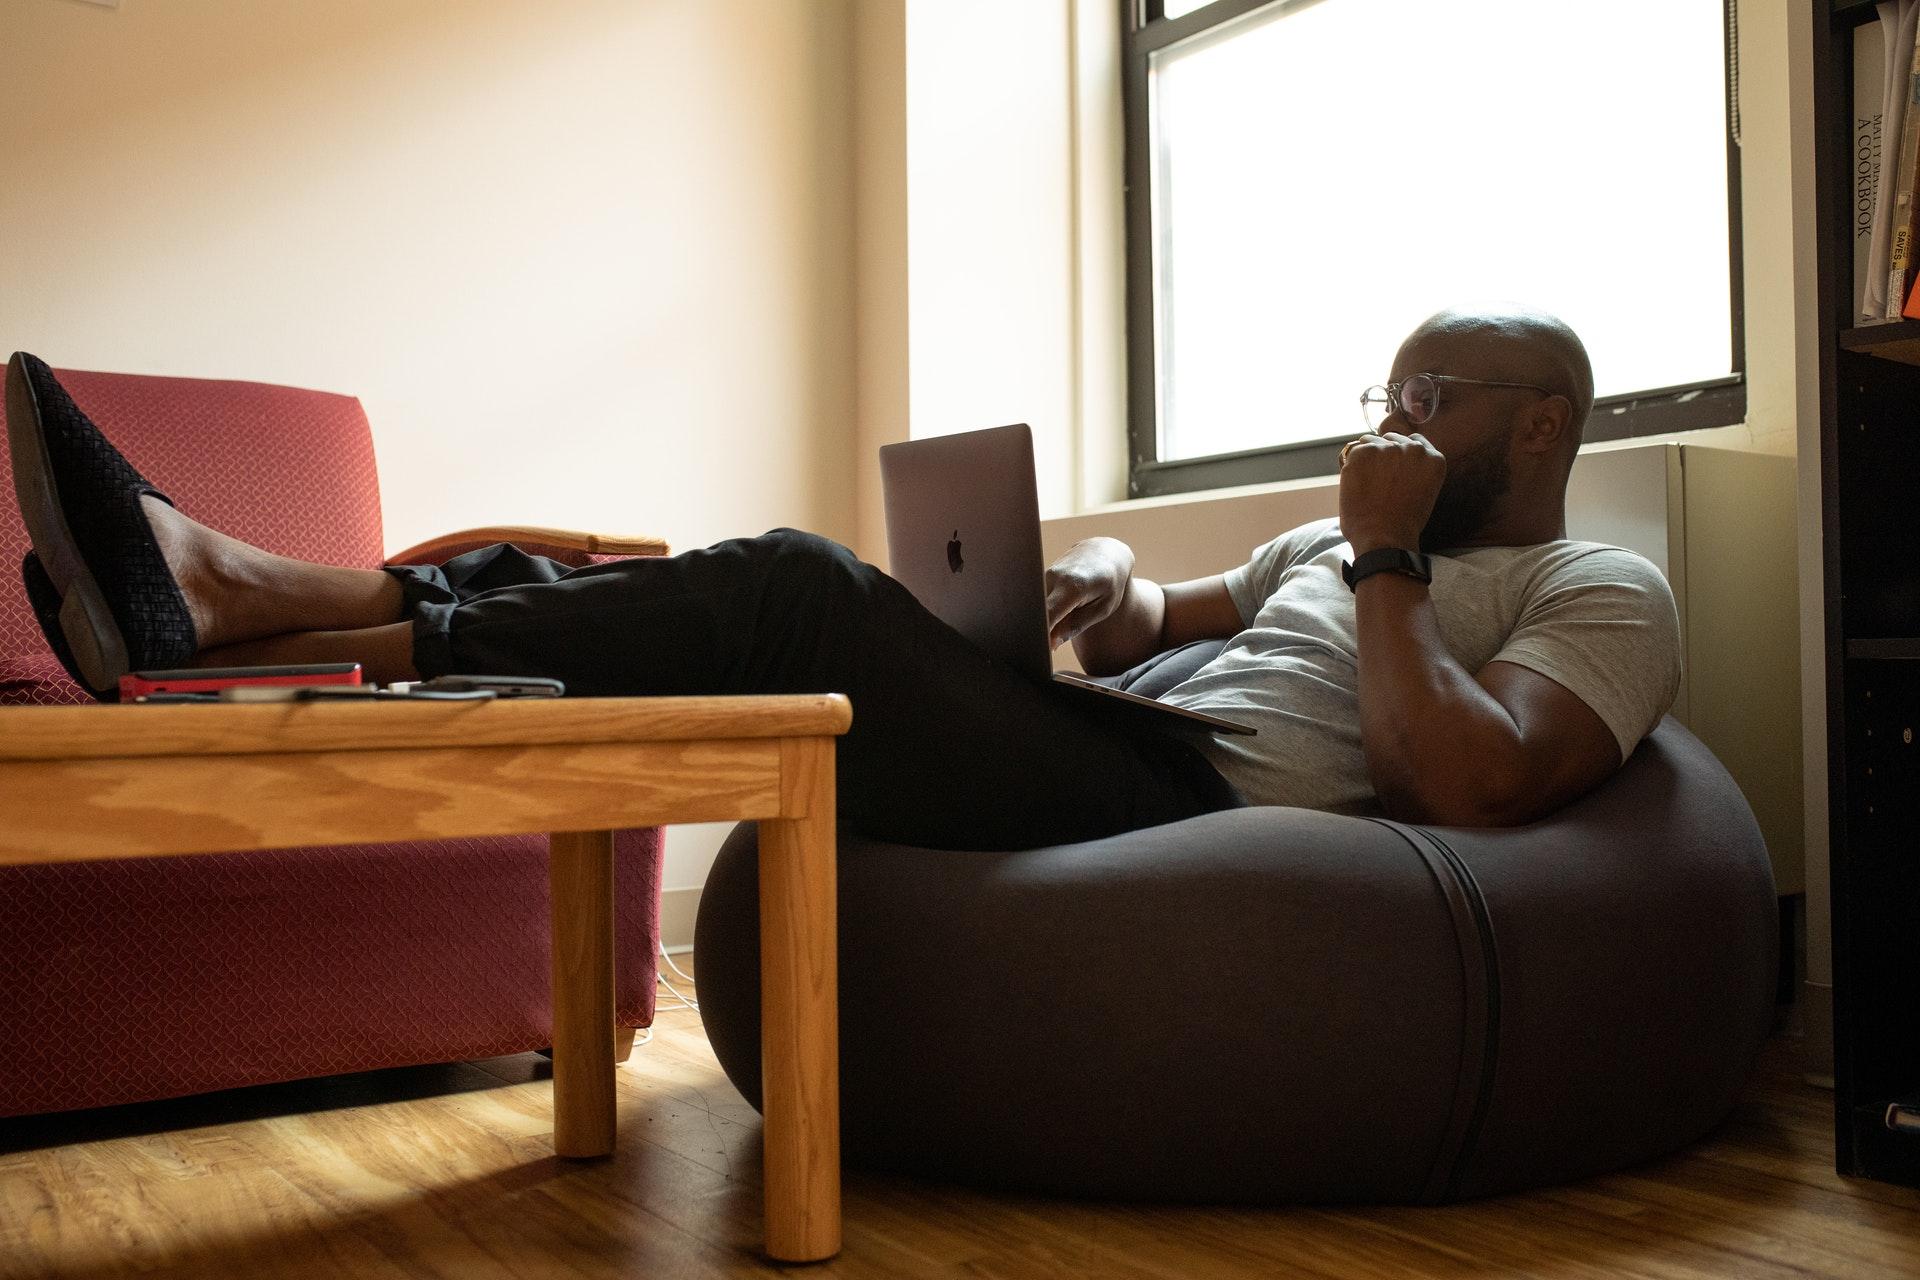 Meble biurowe do domu - jak zorganizować funkcjonalny home-office